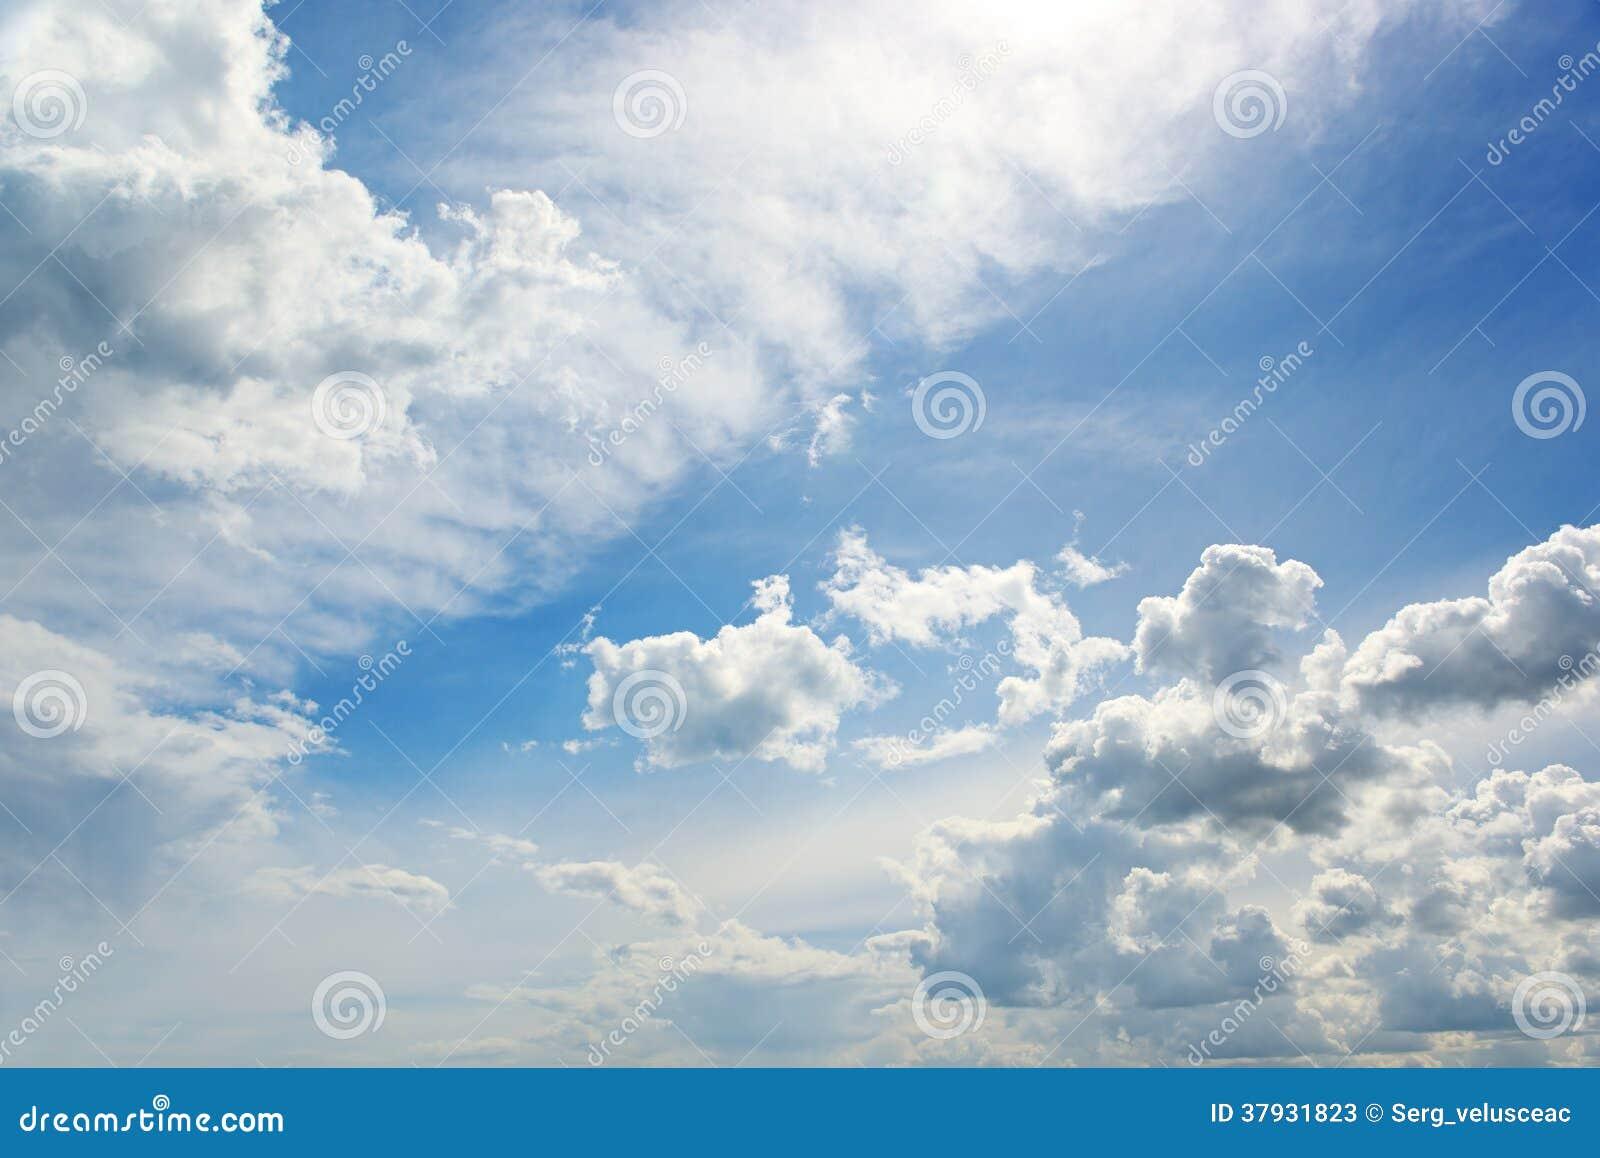 Белое облако